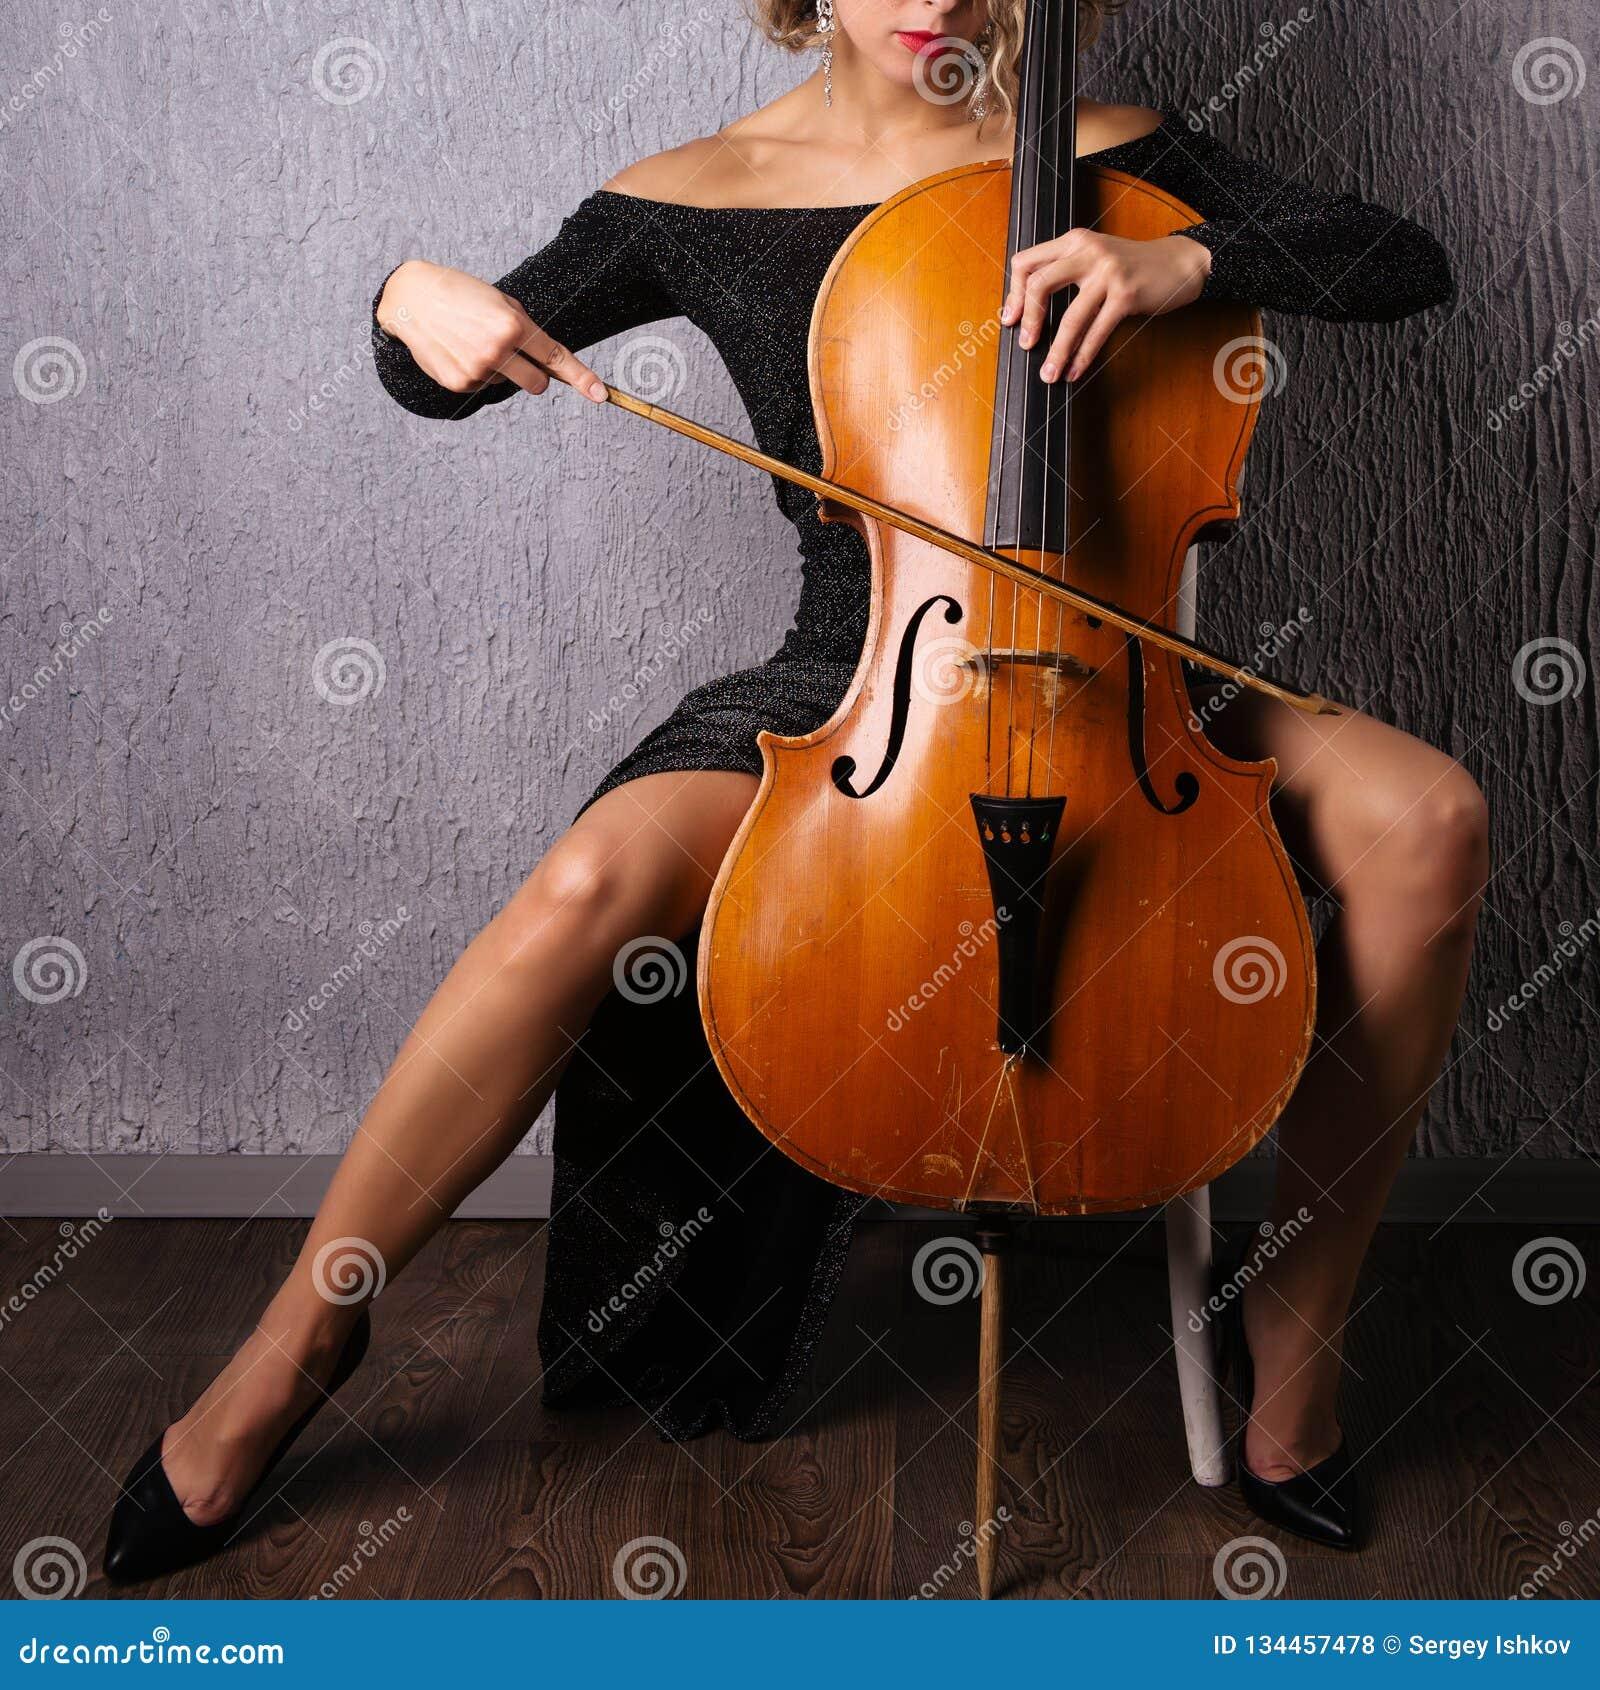 Asiatisk kvinna i en aftonklänning som spelar violoncellen